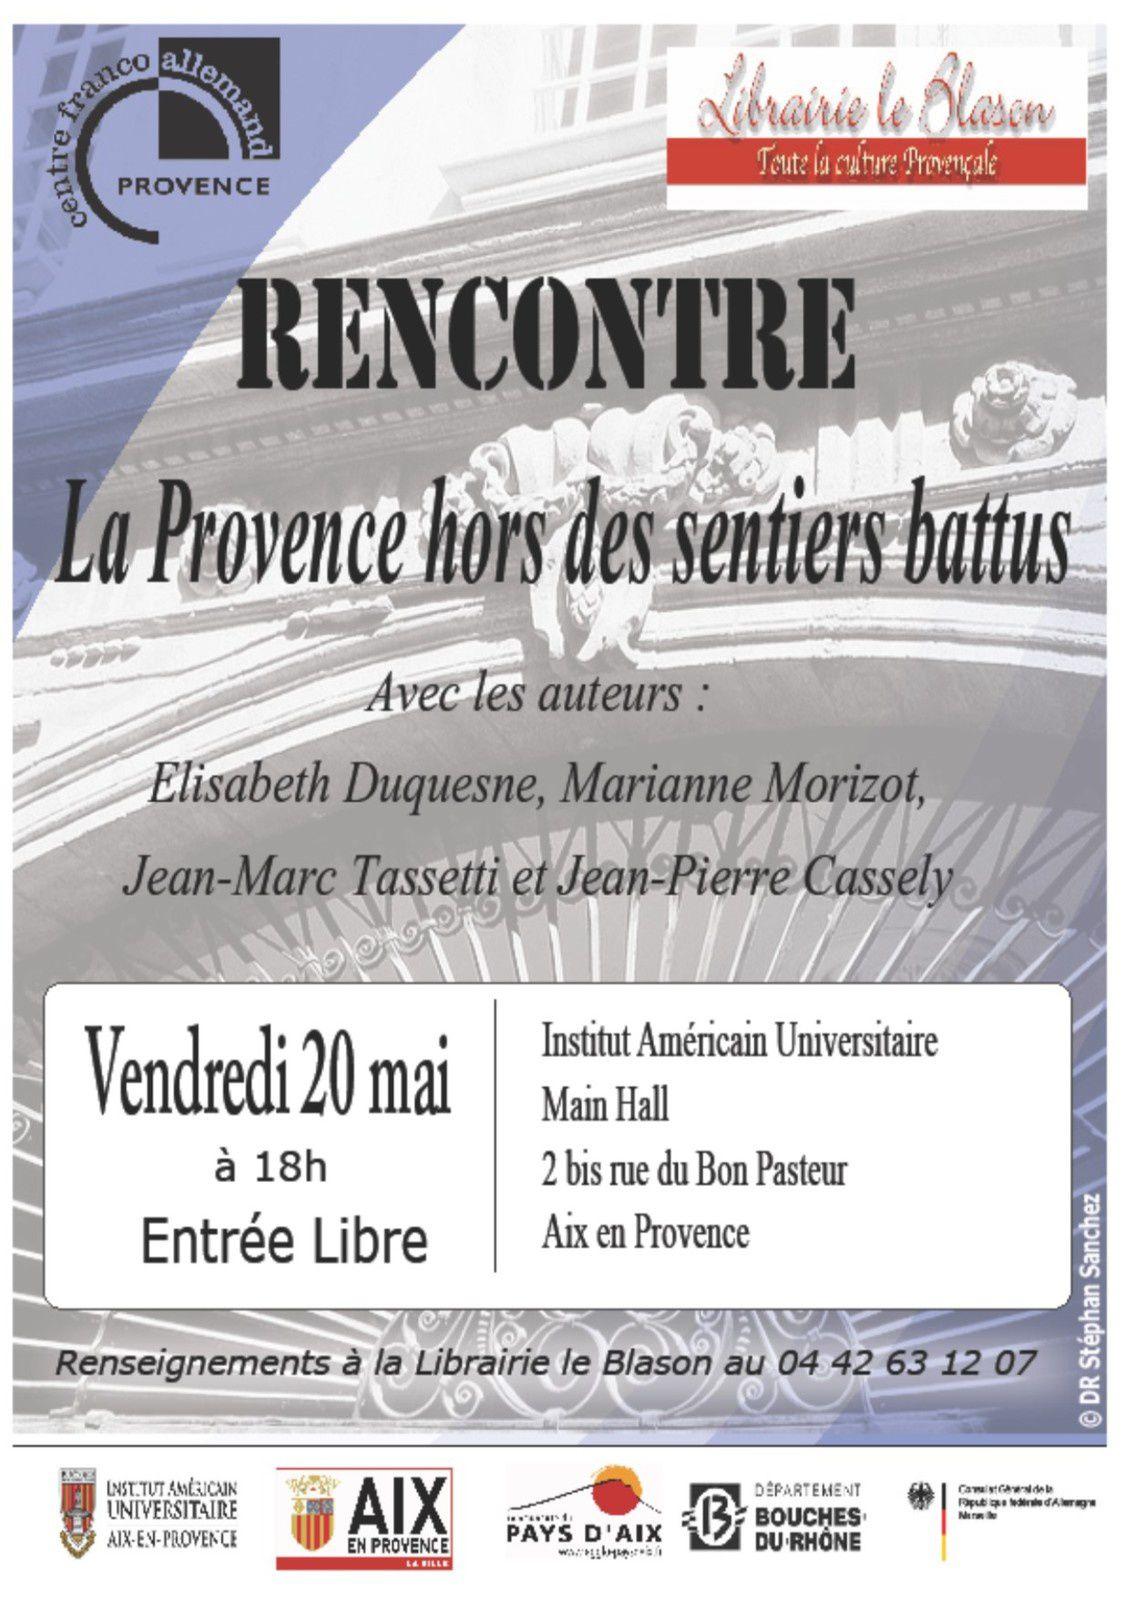 """Rencontre autour de """"La Provence hors des sentiers battus"""" vendredi 20 mai à 18h"""